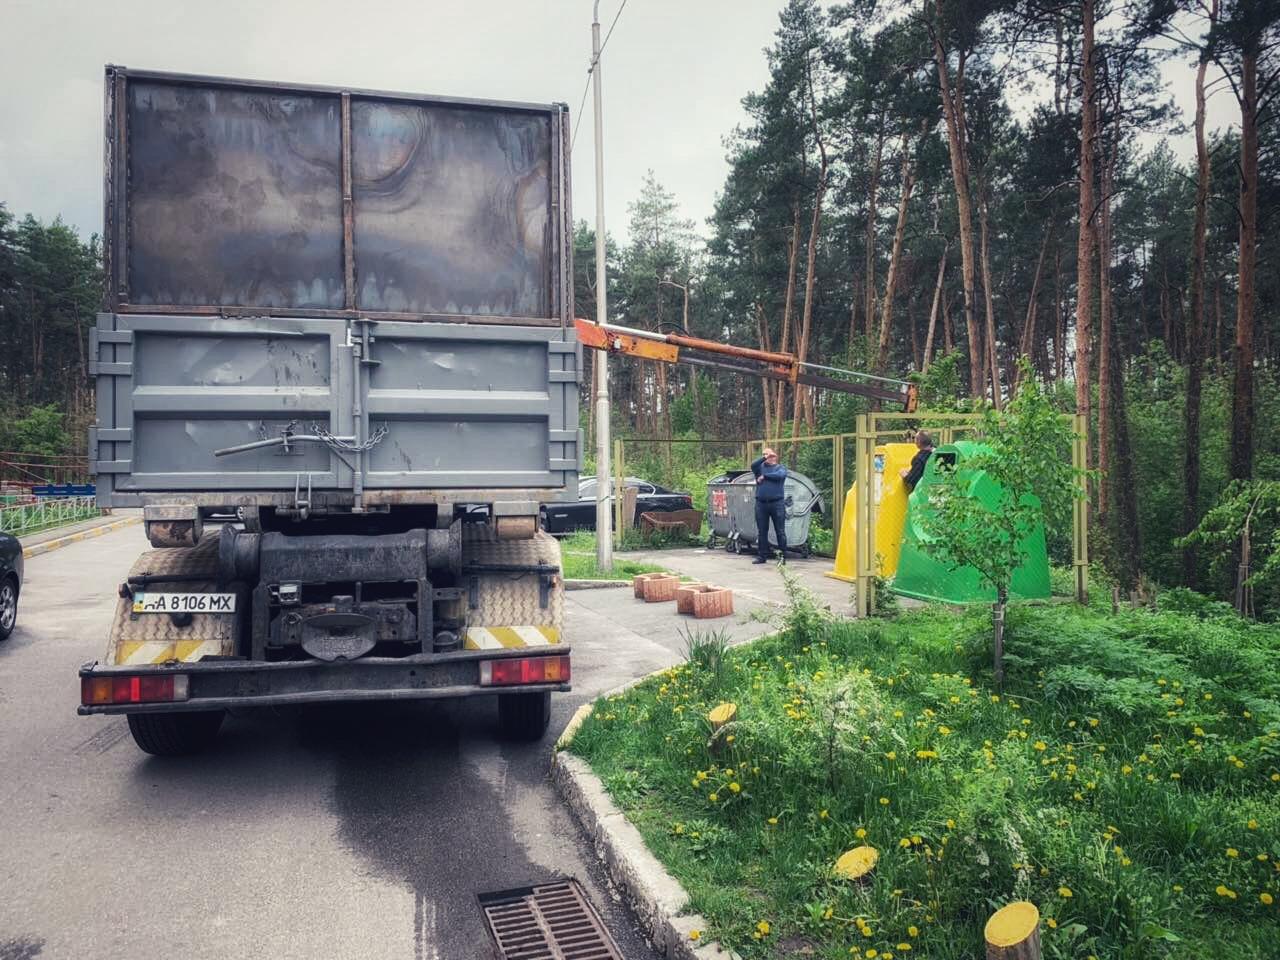 З сьогоднішнього дня в Українці продовжують вивозити сортоване сміття -  - 0F6B3848 834C 403A 9F98 A54F452F252C